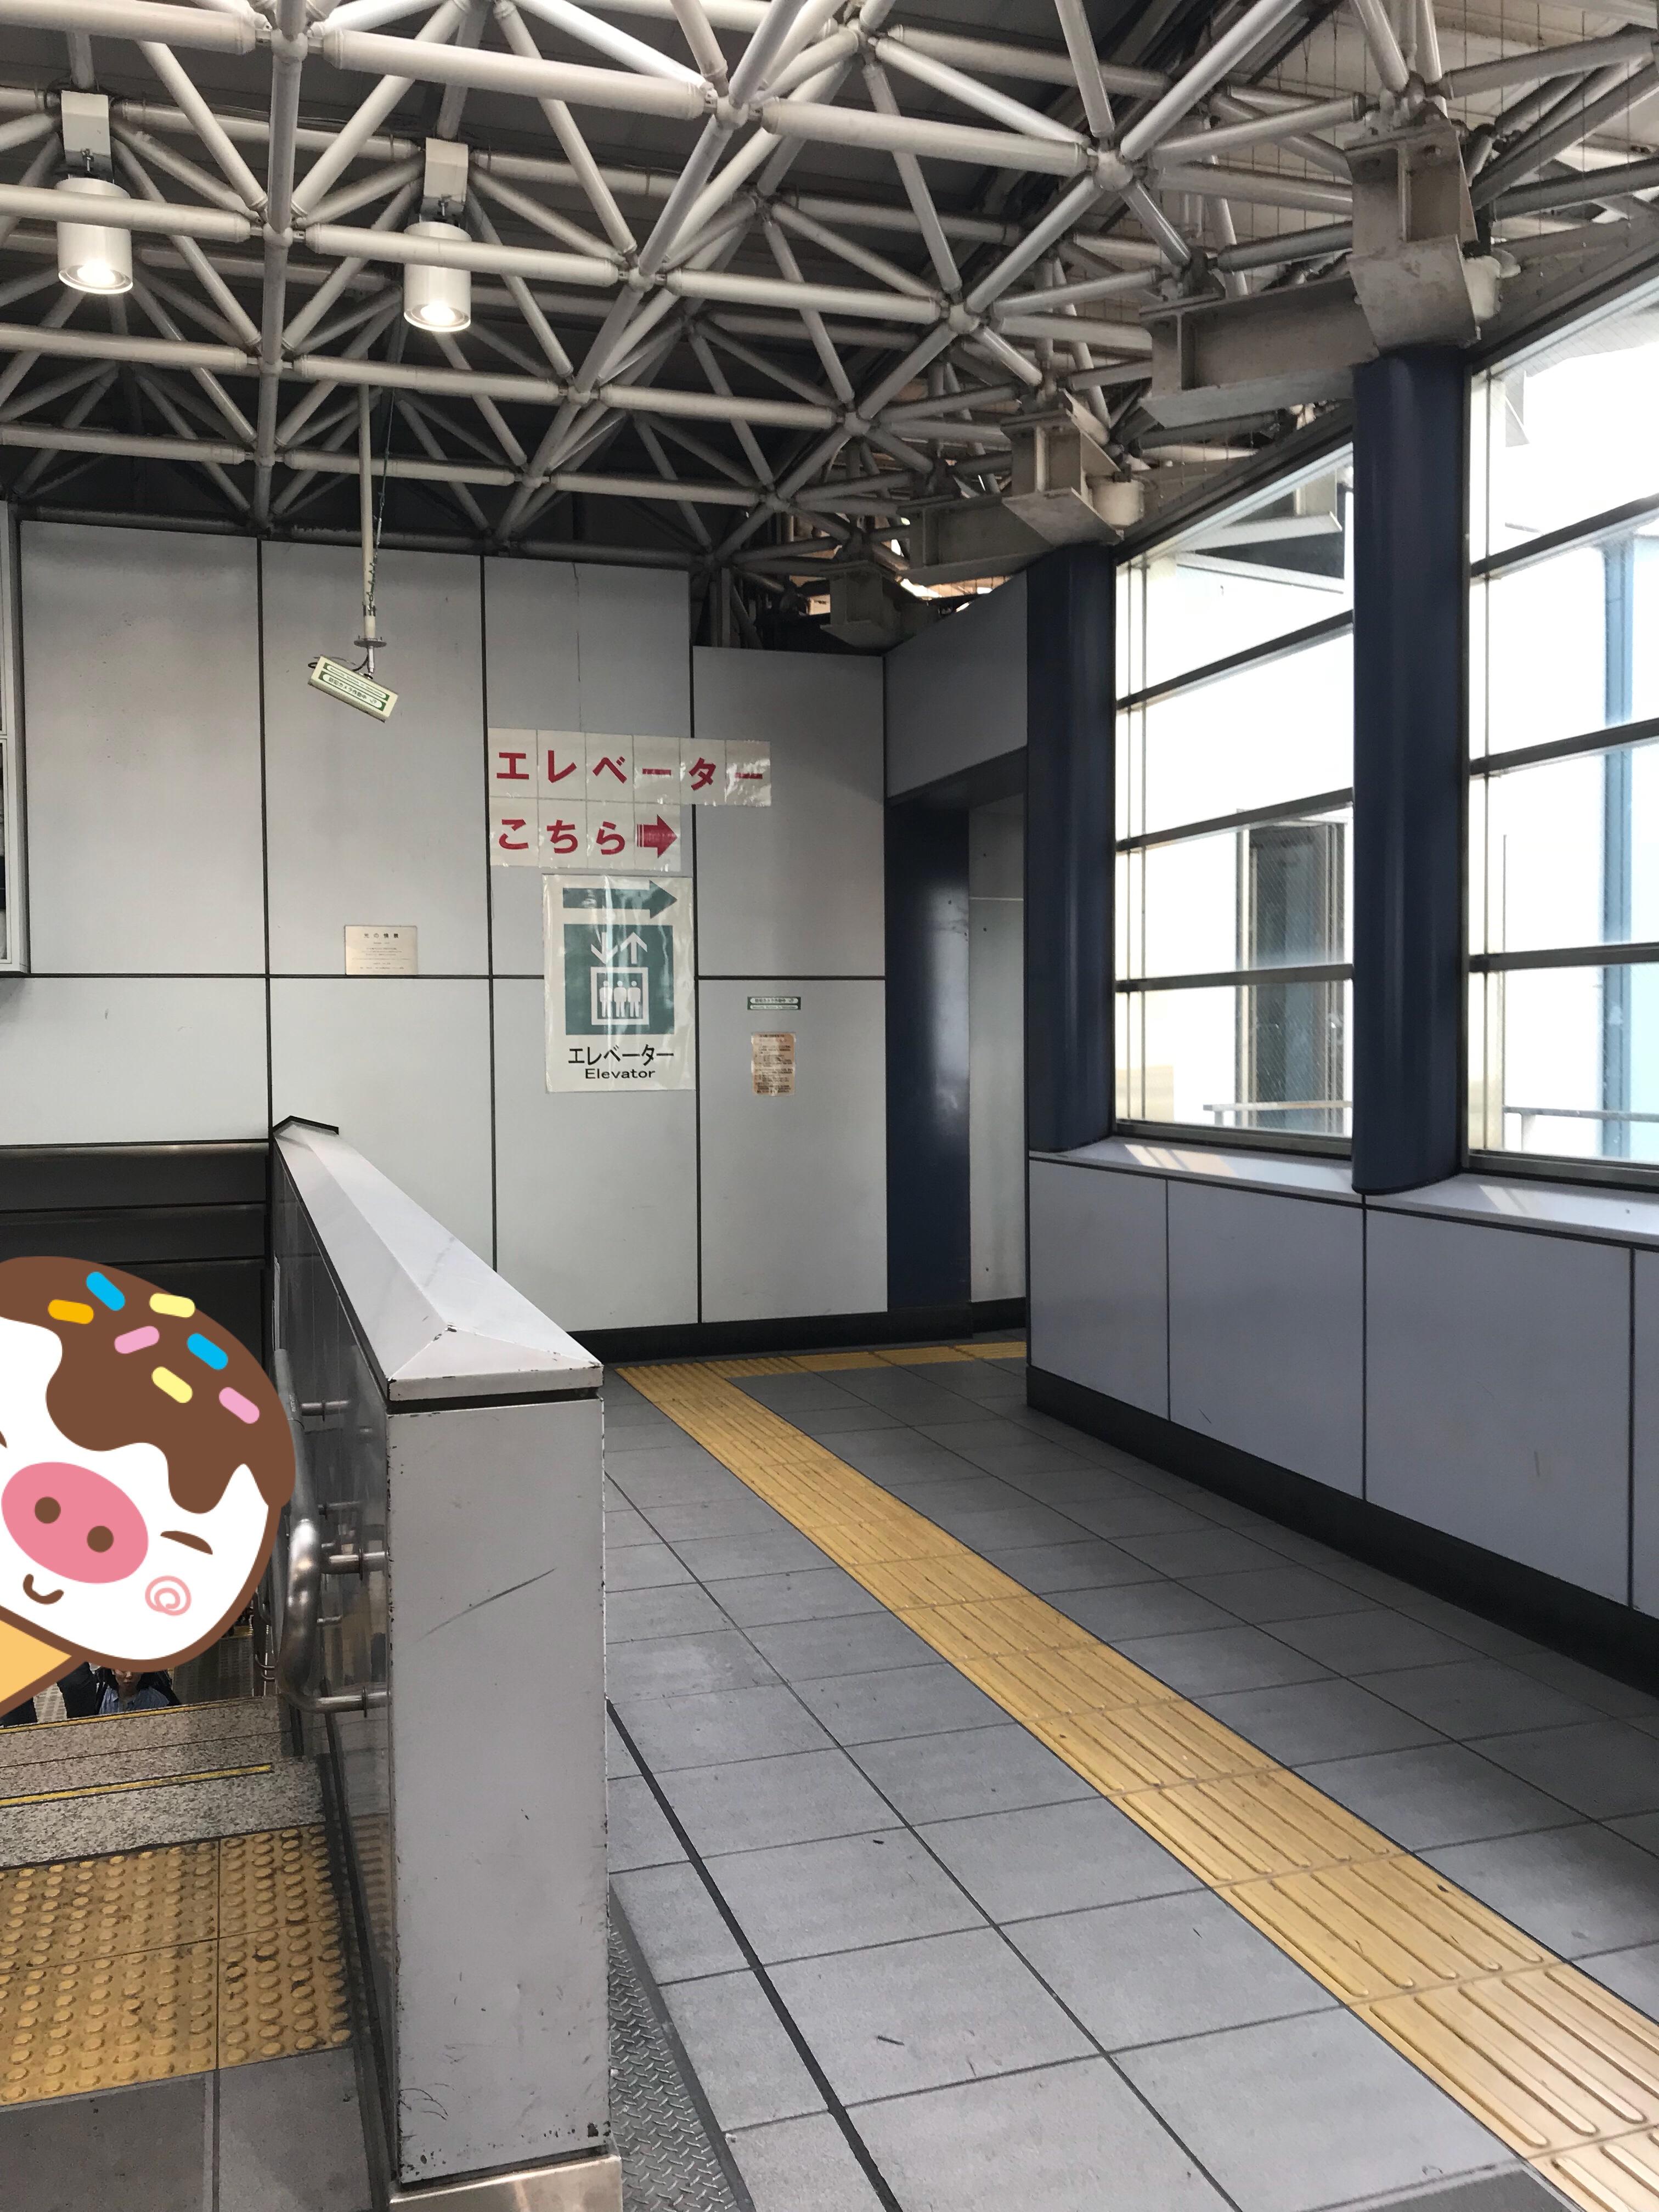 このように張り紙もあるので分かりやすいです。駅の規模の割に小規模なので、時間帯によっては少し待ちます。